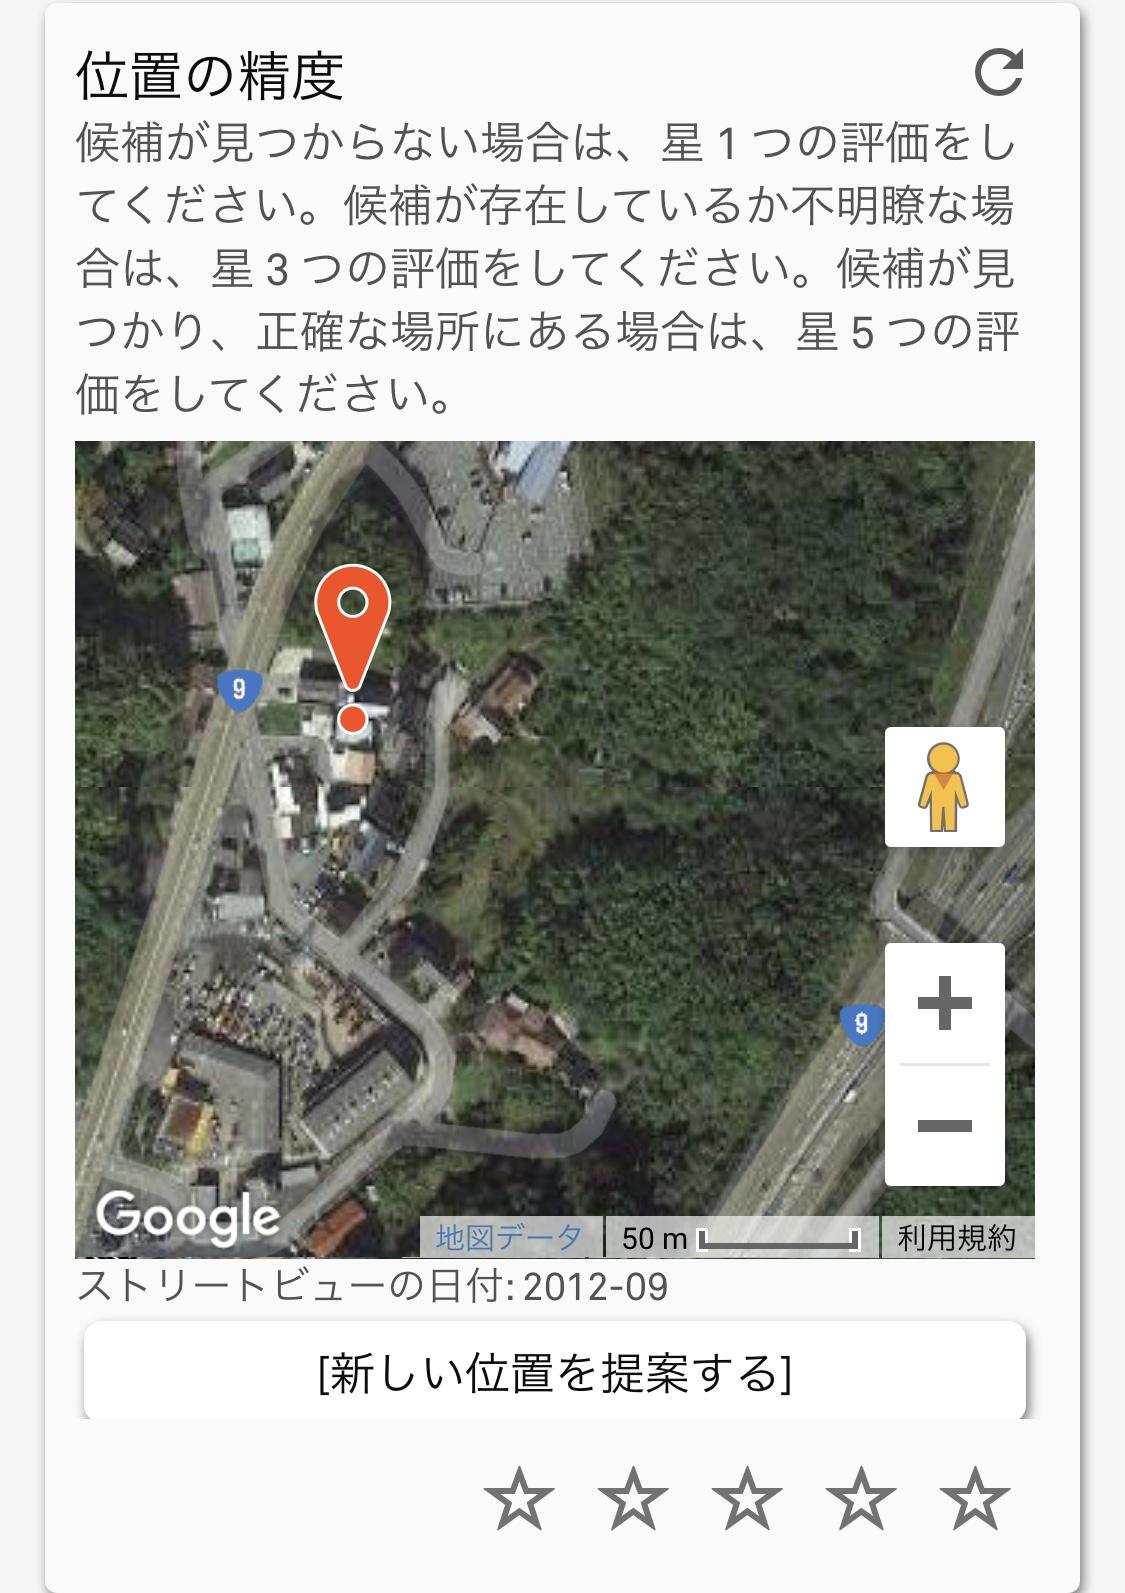 5457E12D-136E-407B-B3B8-8420A740CD8D.jpeg